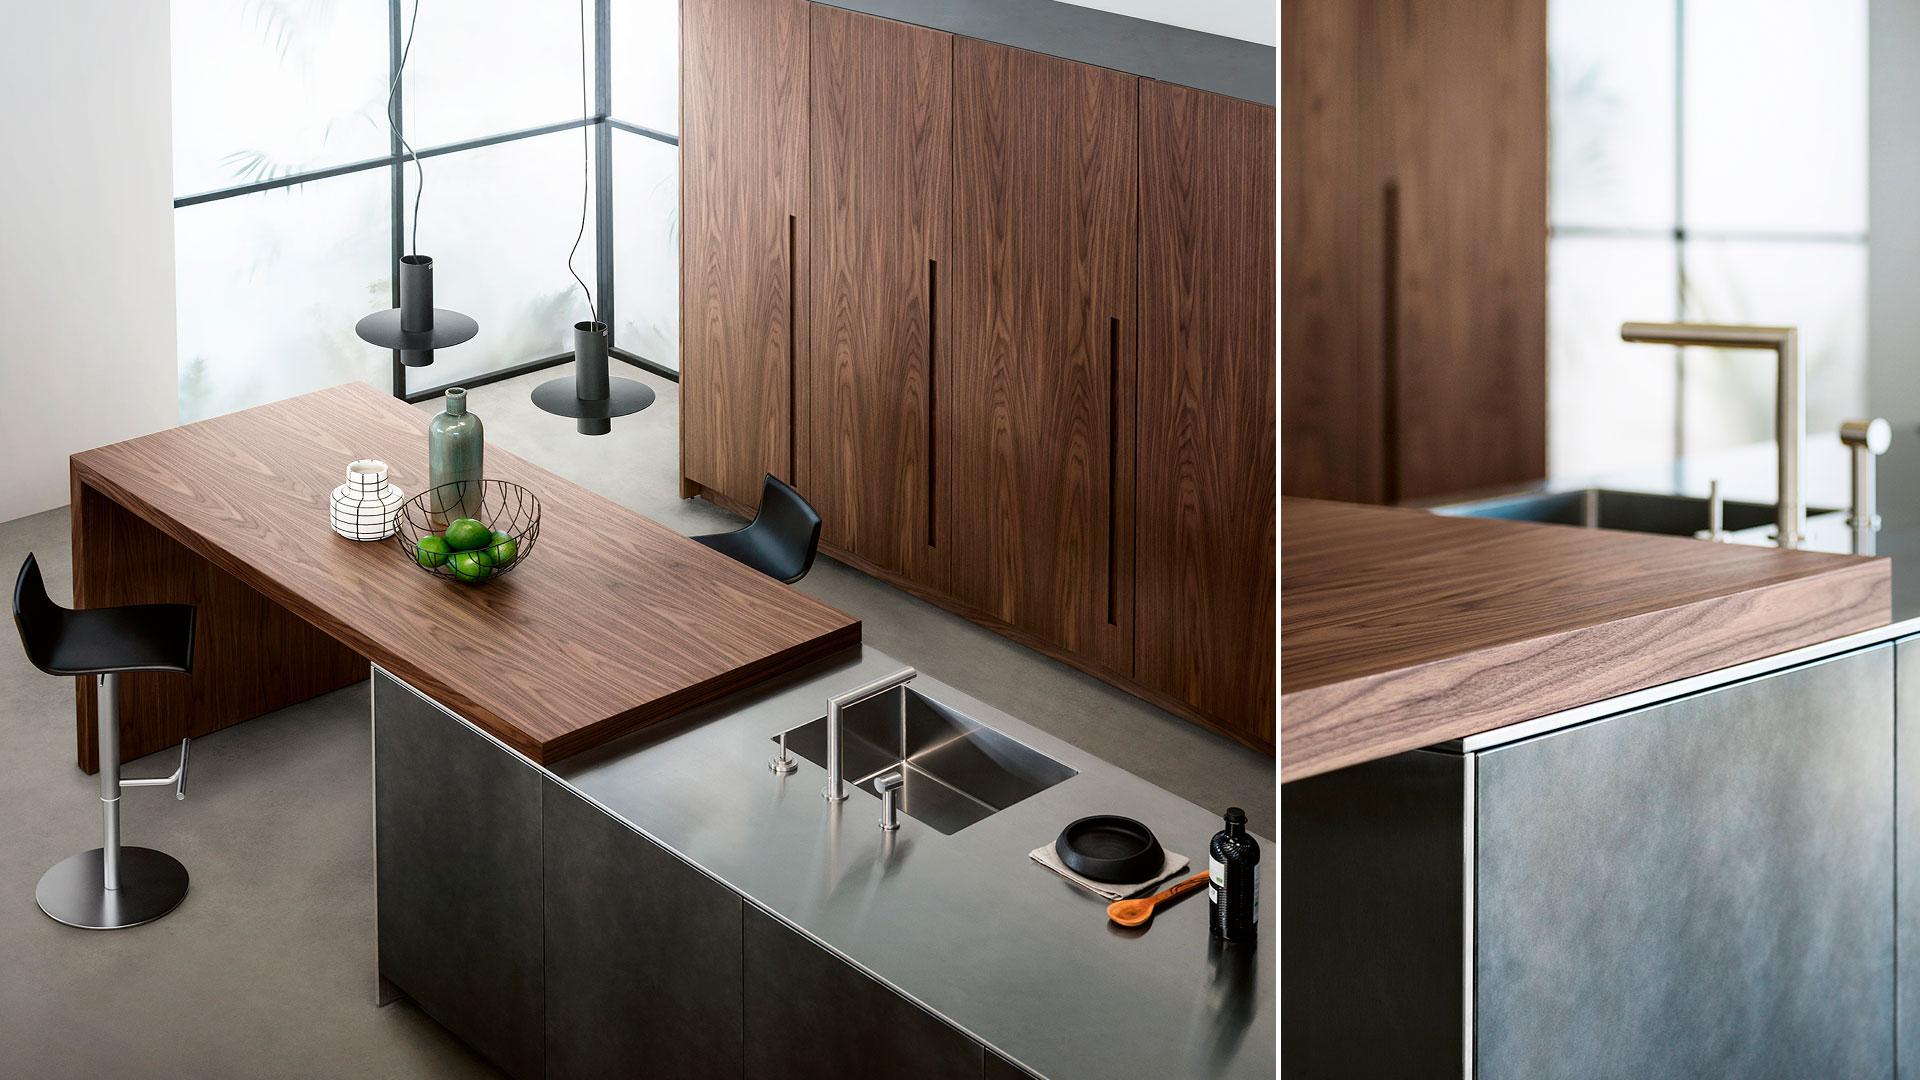 Cucina in legno e acciaio con isola D90 | Collezioni Cucine 2018 TM Italia - TM_CAT_D90_003